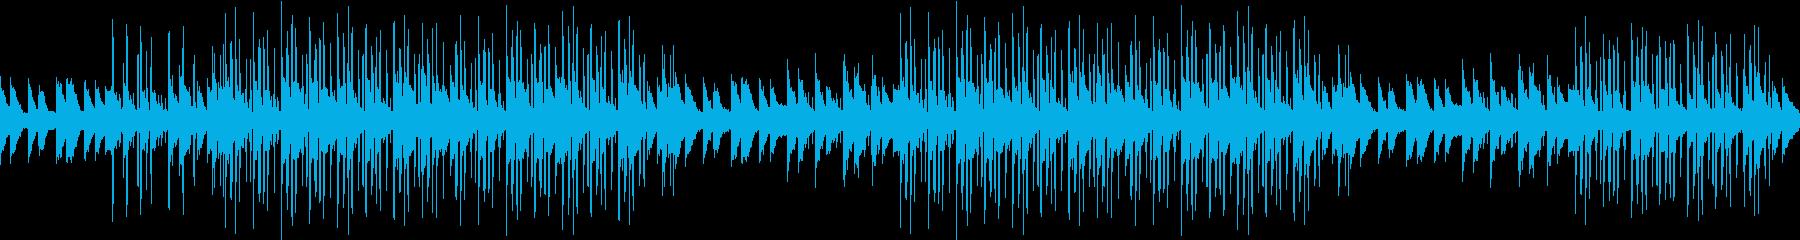 エンディング・感動・綺麗・エモ・ピアノの再生済みの波形